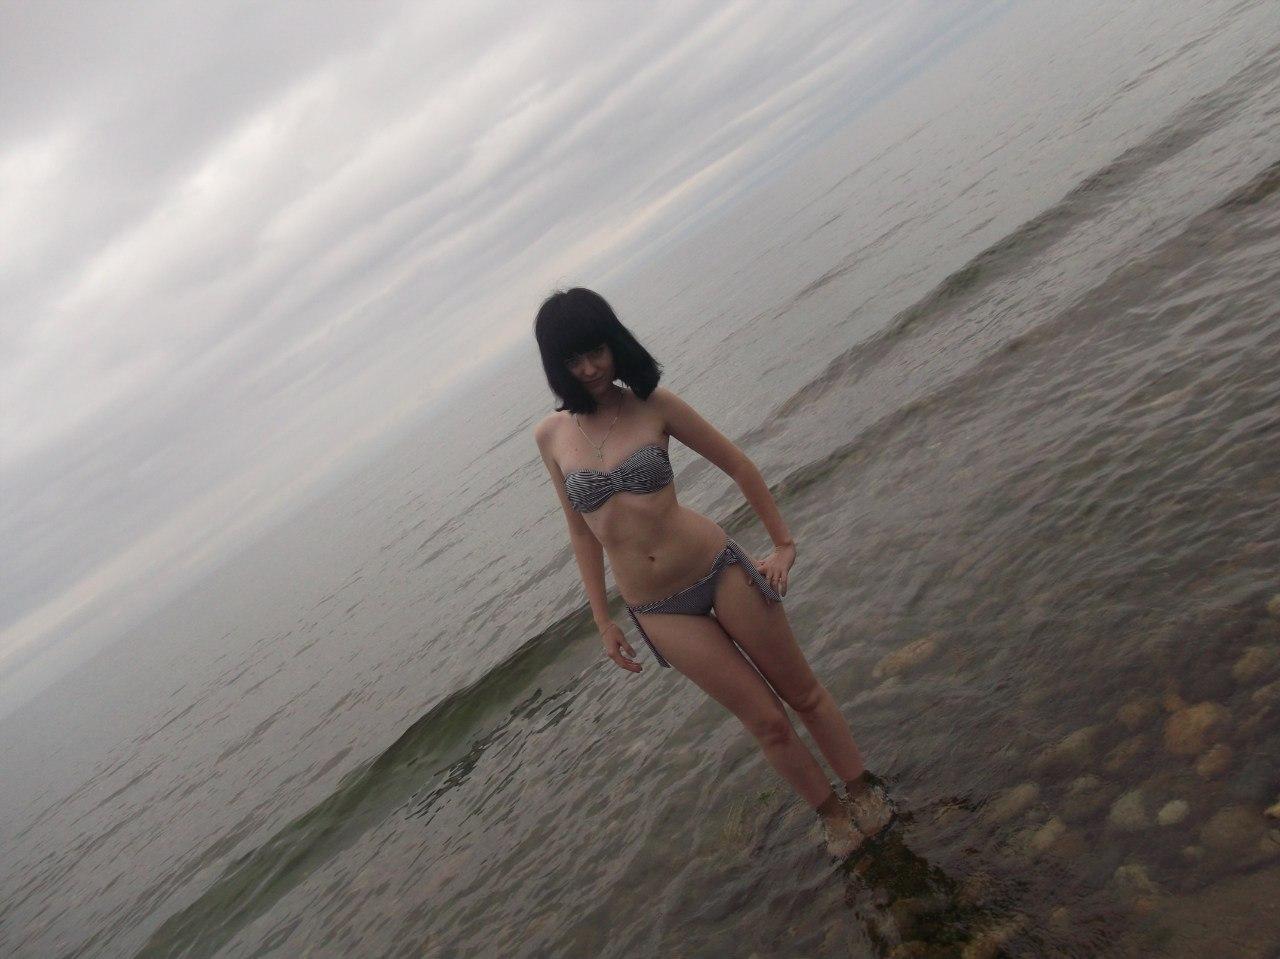 Смотреть порно в саунах алтайского края 26 фотография